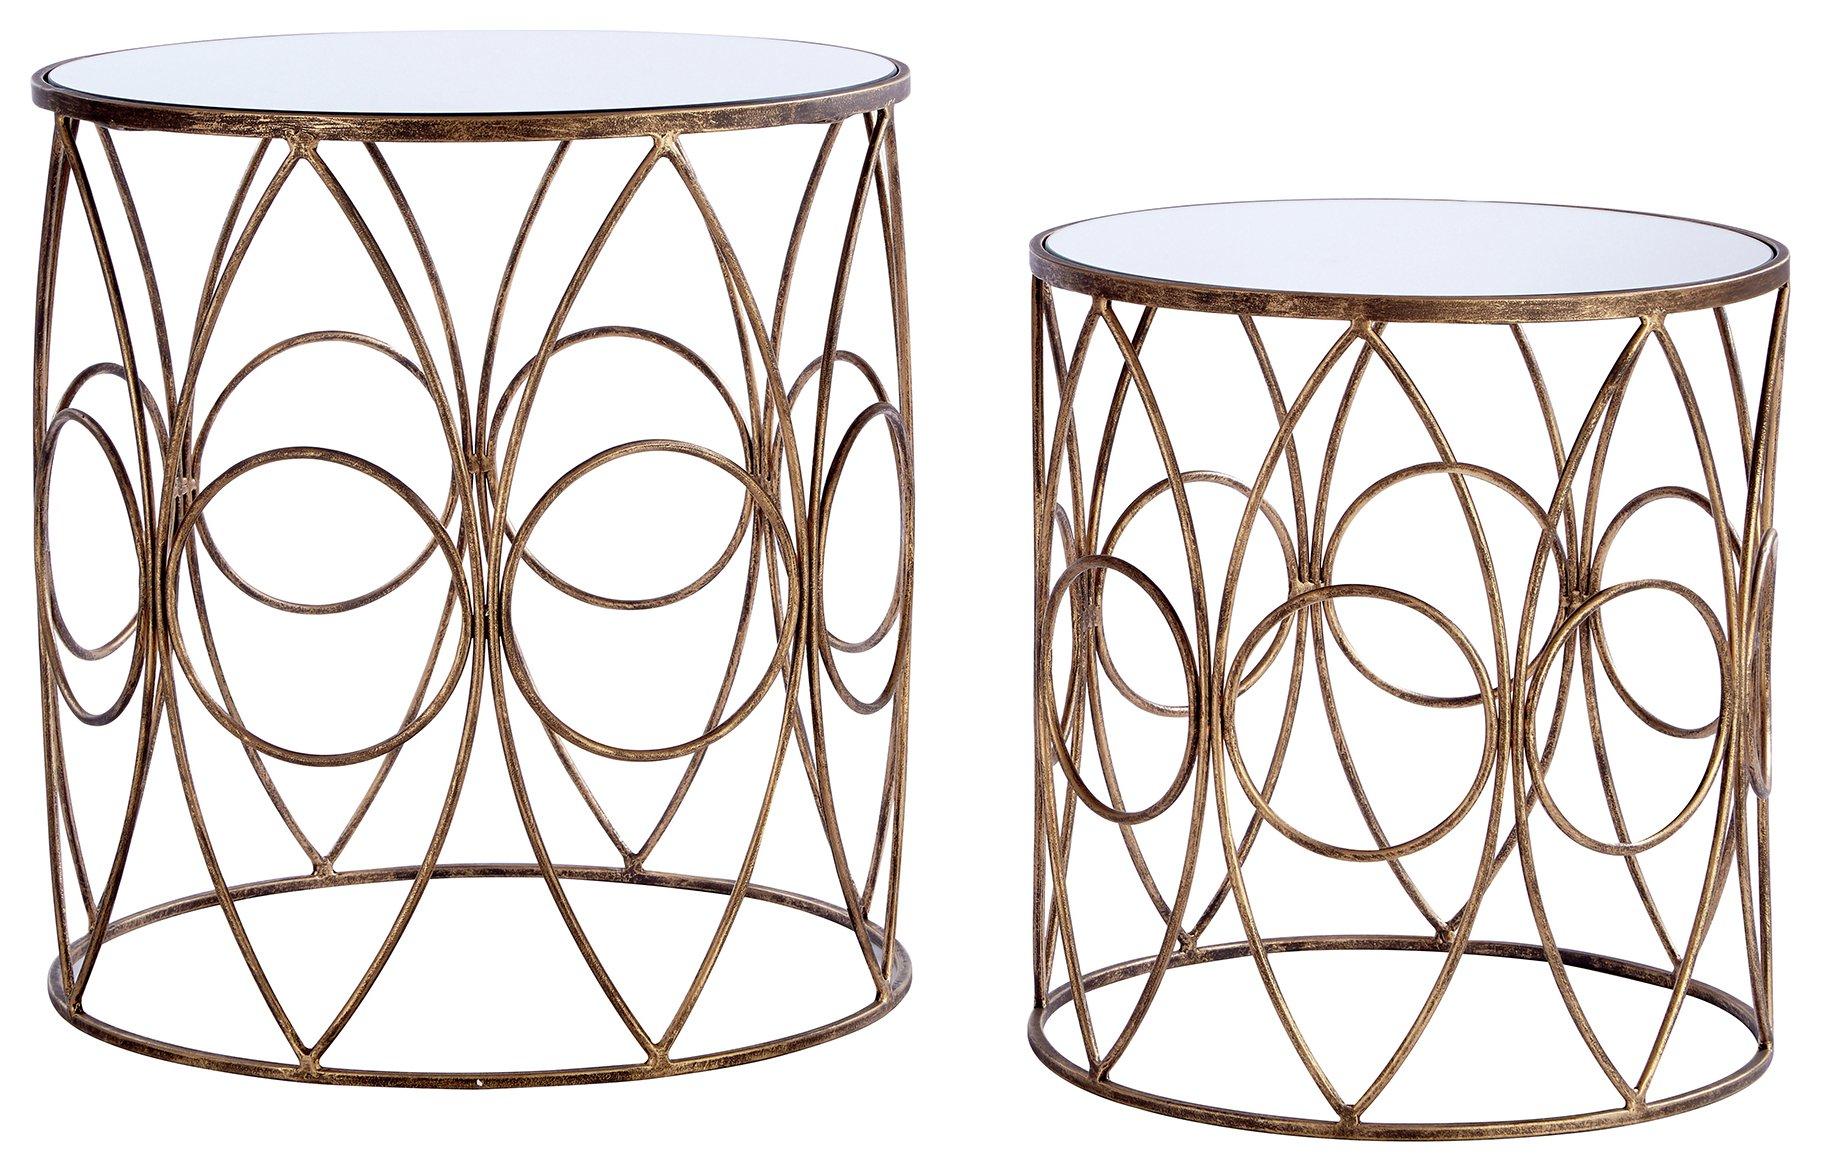 Premier Housewares Avantis Nest of 2 Bronze Framed Tables